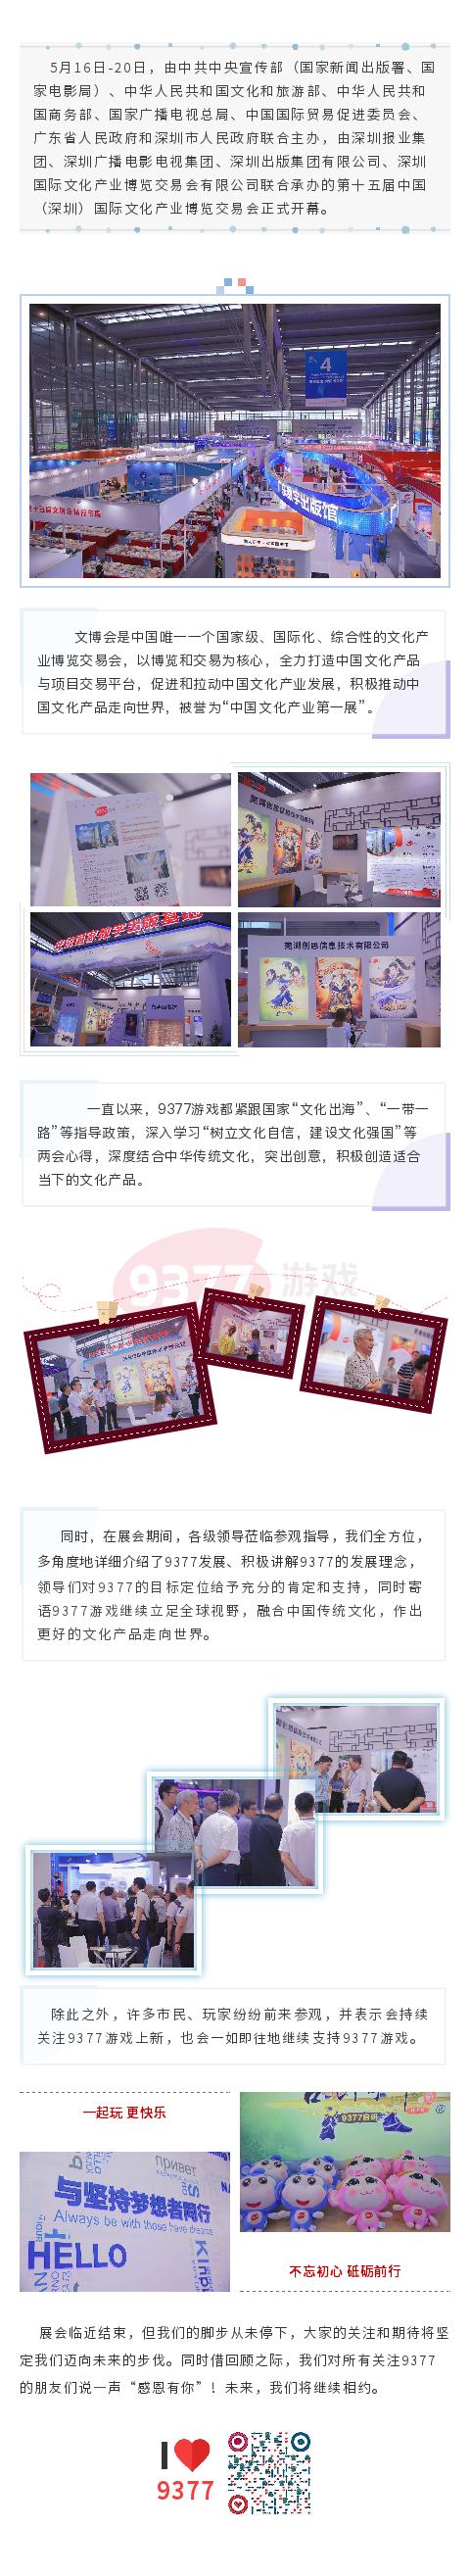 深圳文博展.png